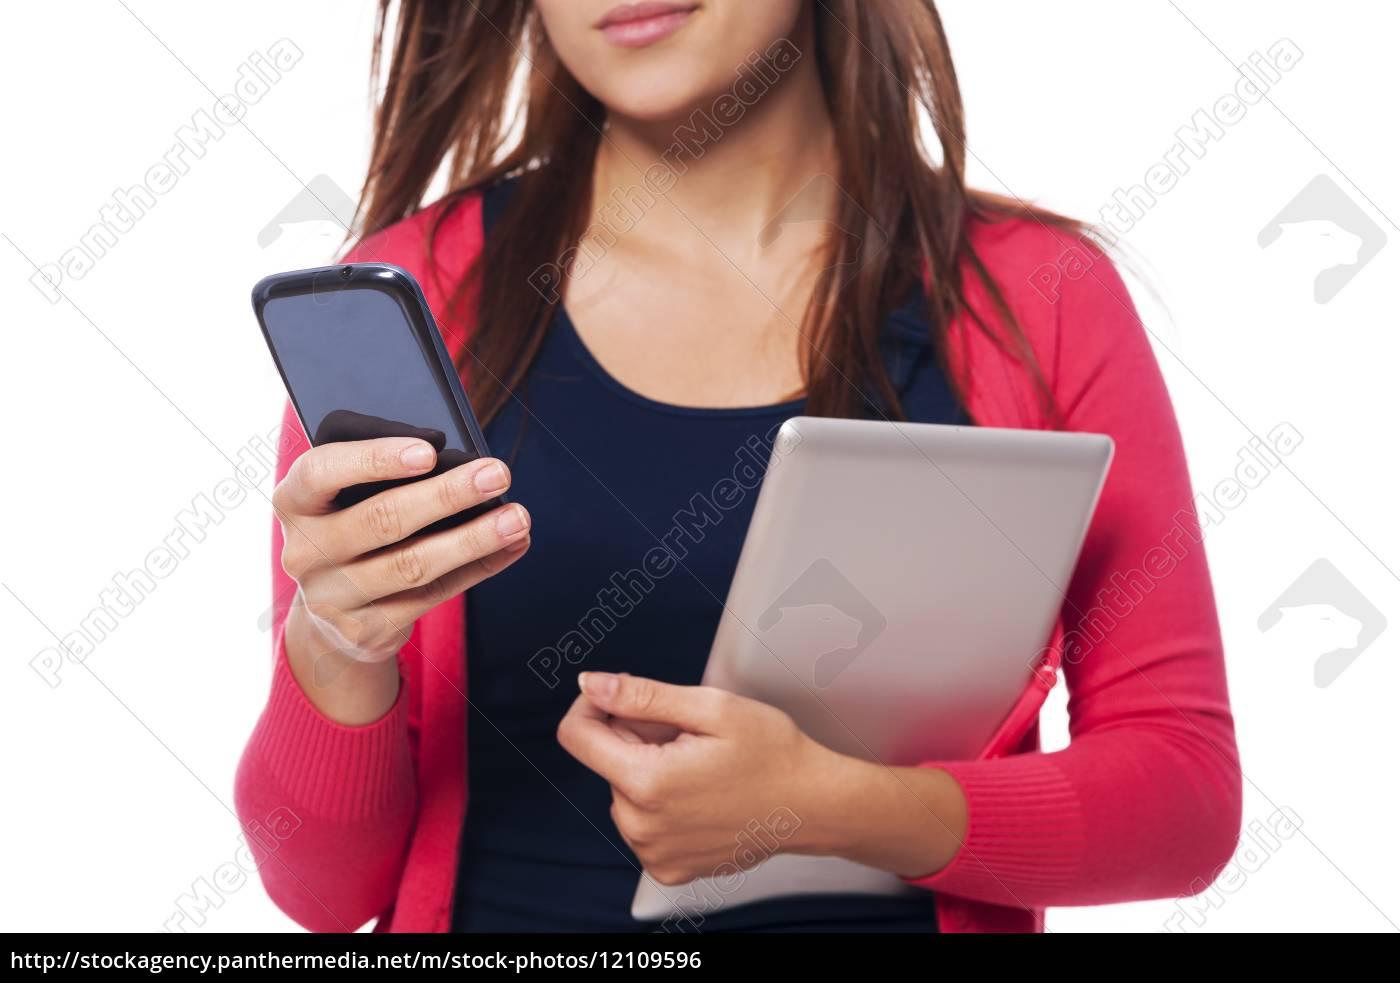 primo, piano, della, donna, con, tablet - 12109596